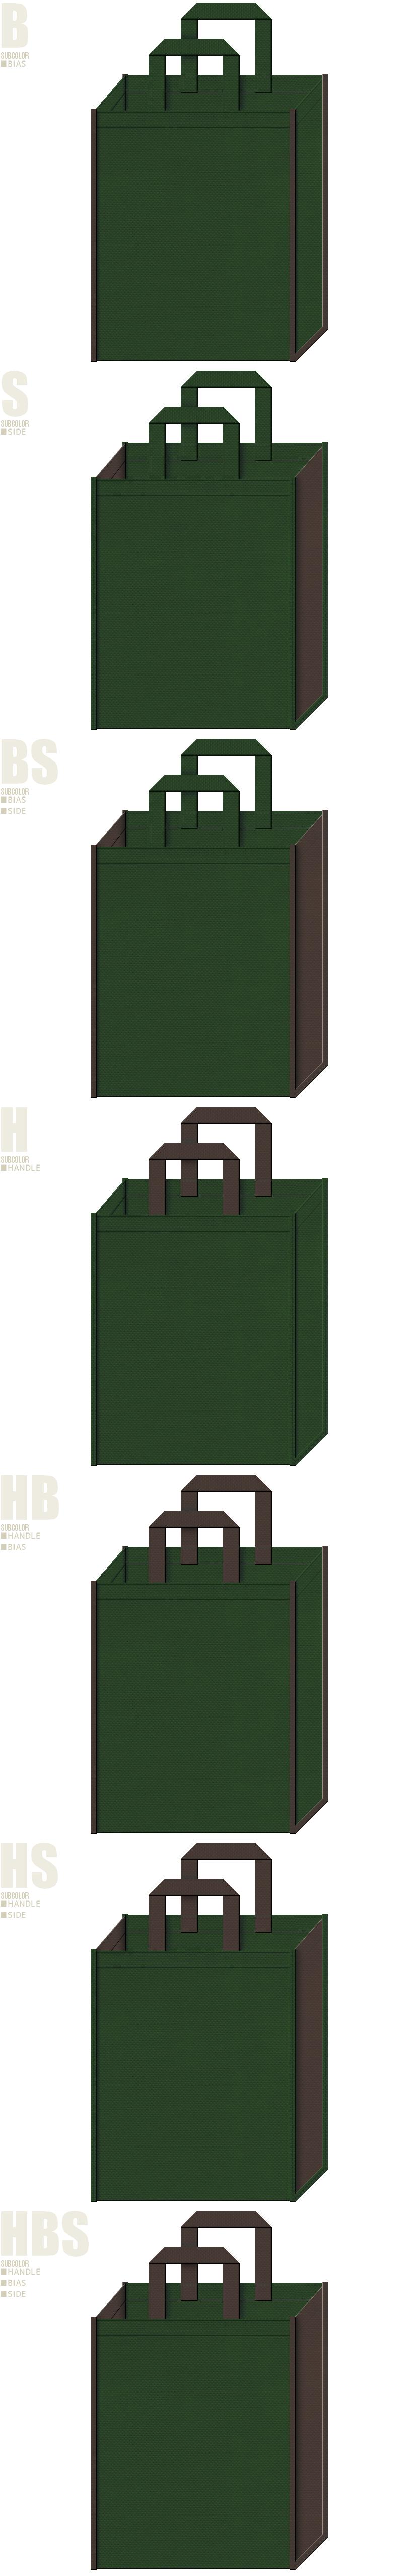 黒板・ビリヤード台・カジノ・ルーレット・アンティーク・ヴィンテージ・西洋美術・もみの木・迷彩色・密林・アマゾン・ジャングル・探検・アニマル・恐竜・ゲーム・テーマパーク・メンズ商品・登山・アウトドア・キャンプ用品の展示会用バッグにお奨めの不織布バッグデザイン:濃緑色とこげ茶色の配色7パターン